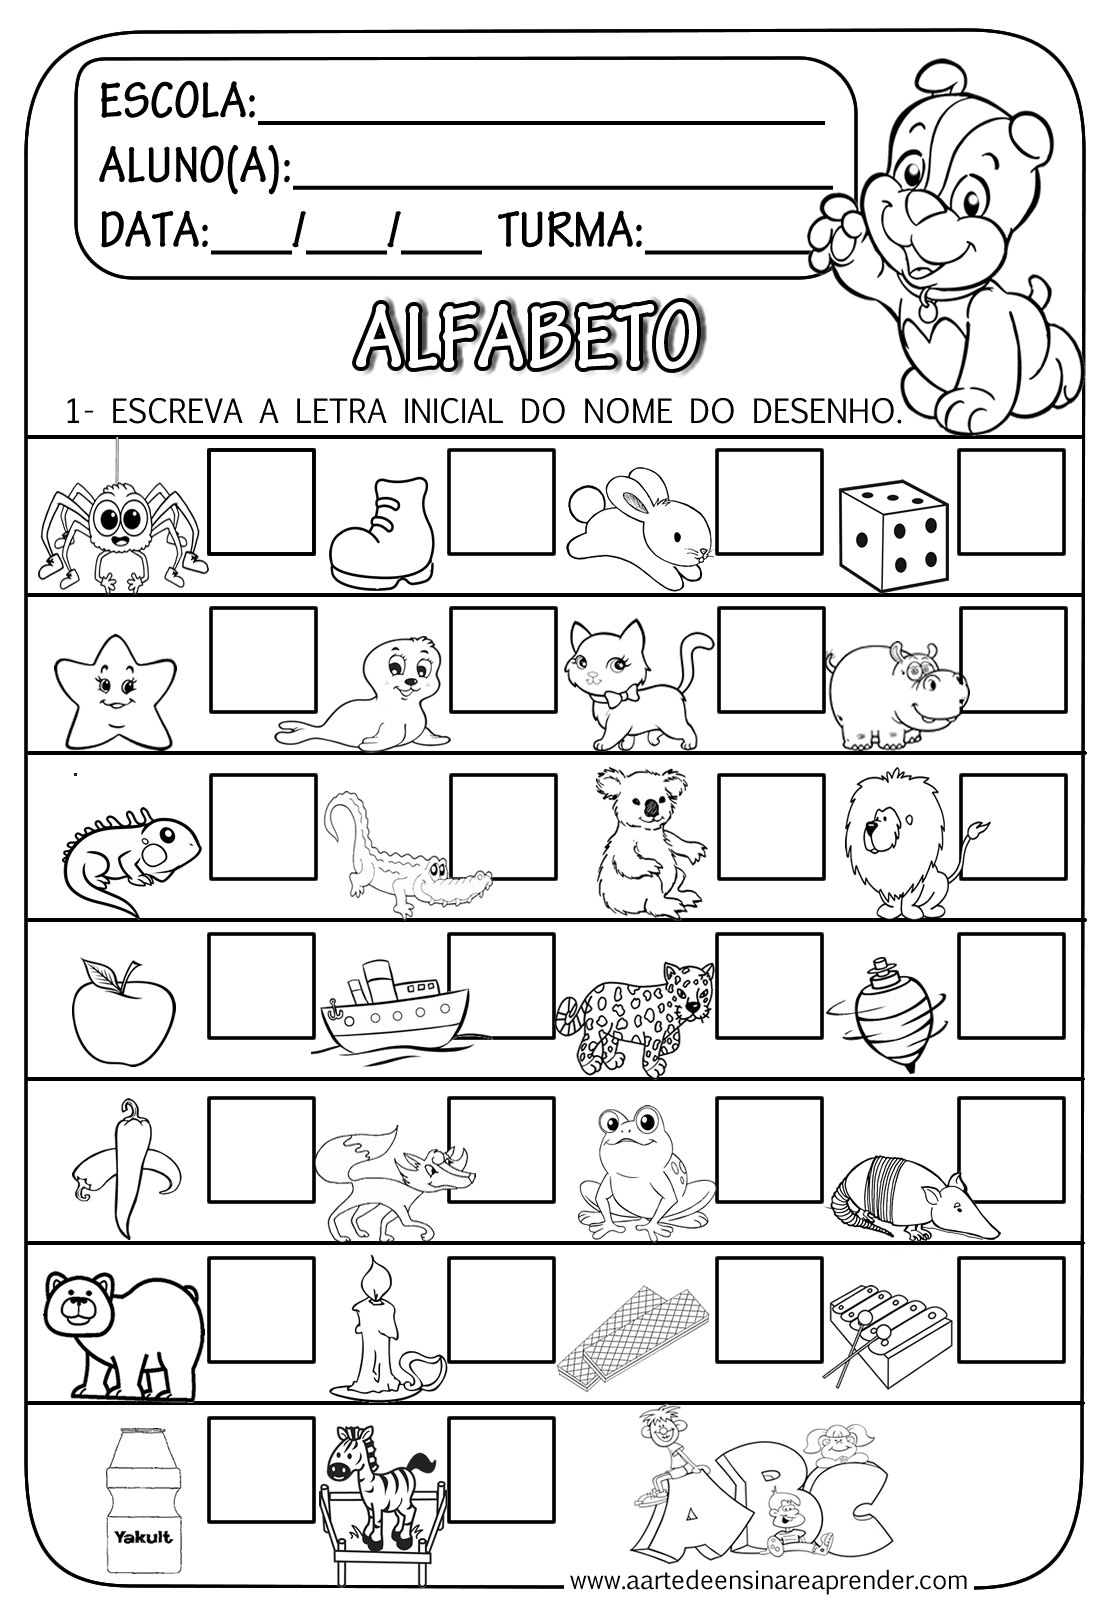 Populares Atividades de Alfabetização para Educação Infantil - Ensino Já DV49